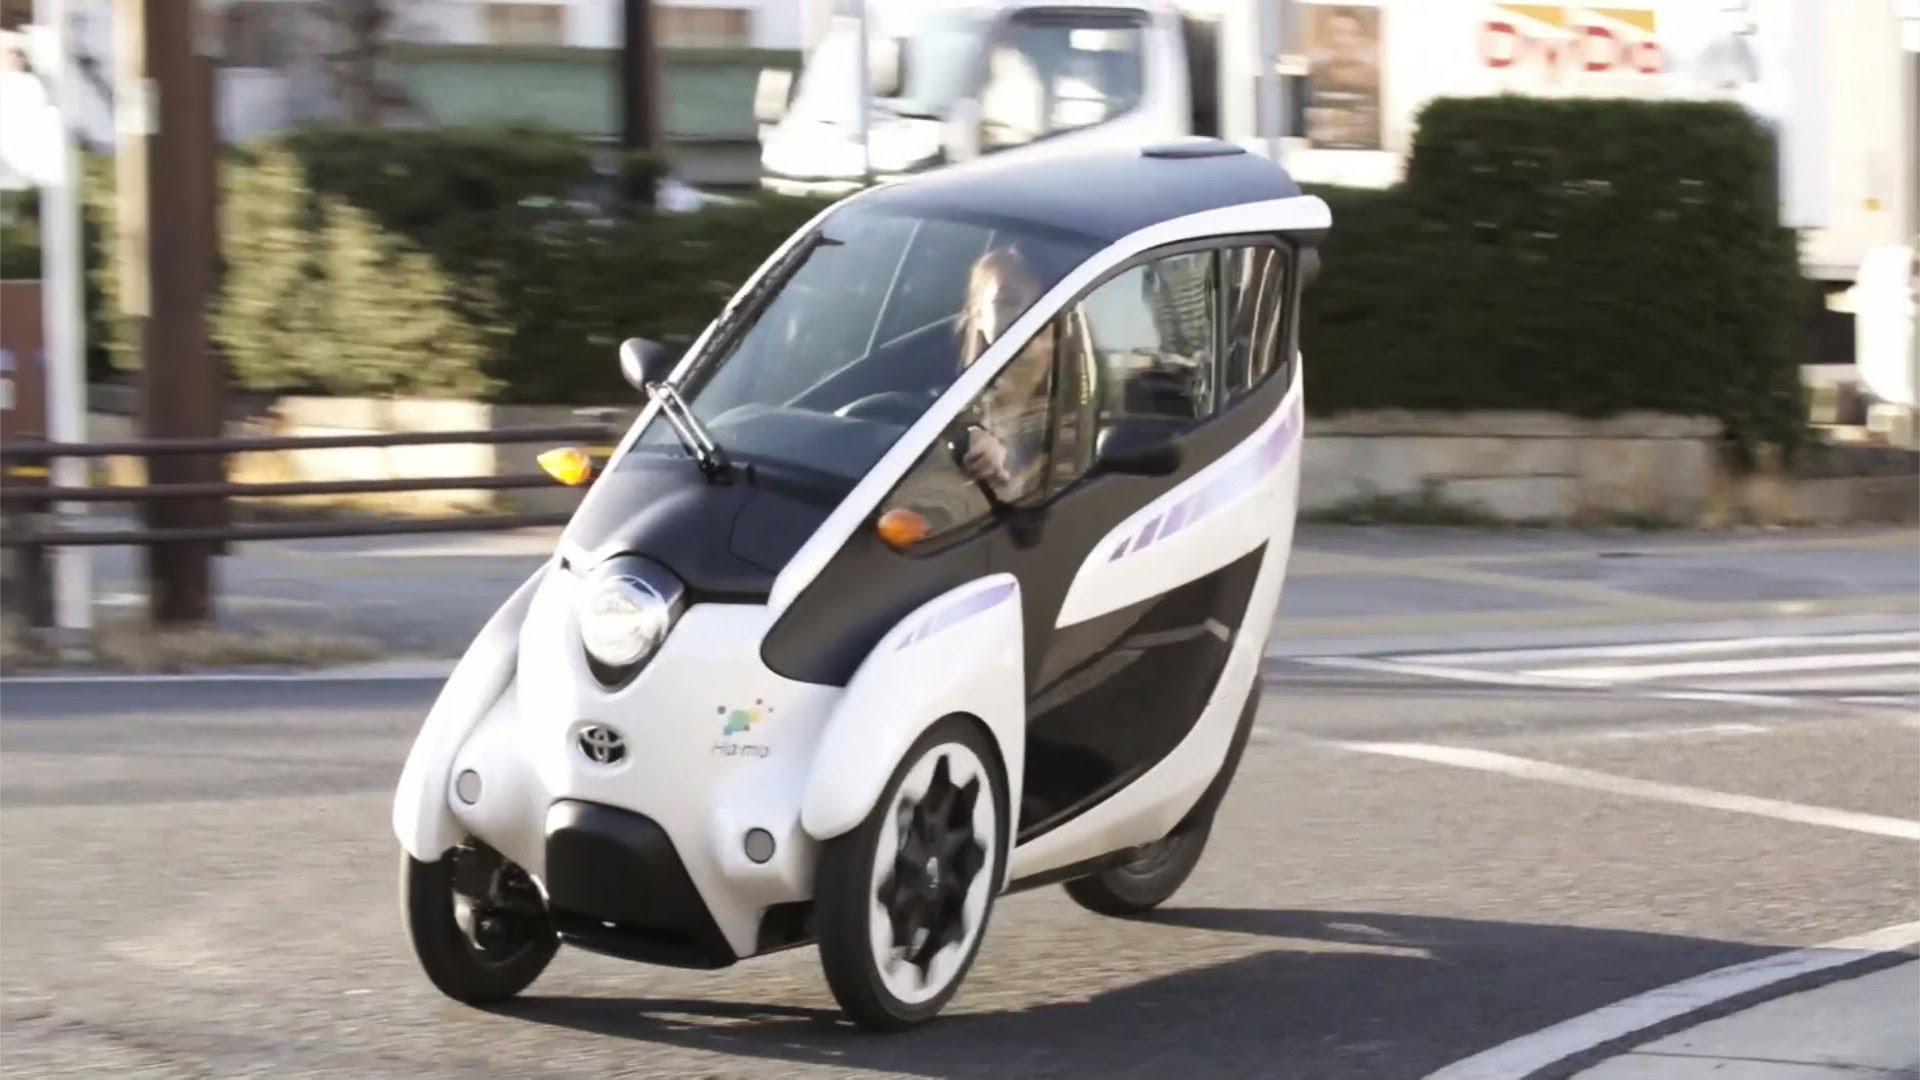 Küçük tasarımı ve manevra kabiliyeti ile dikkat çeken 3 tekerlekli elektirikli araç İ-ROAD'ın, yoğun trafiğe çözüm olması bekleniyor.